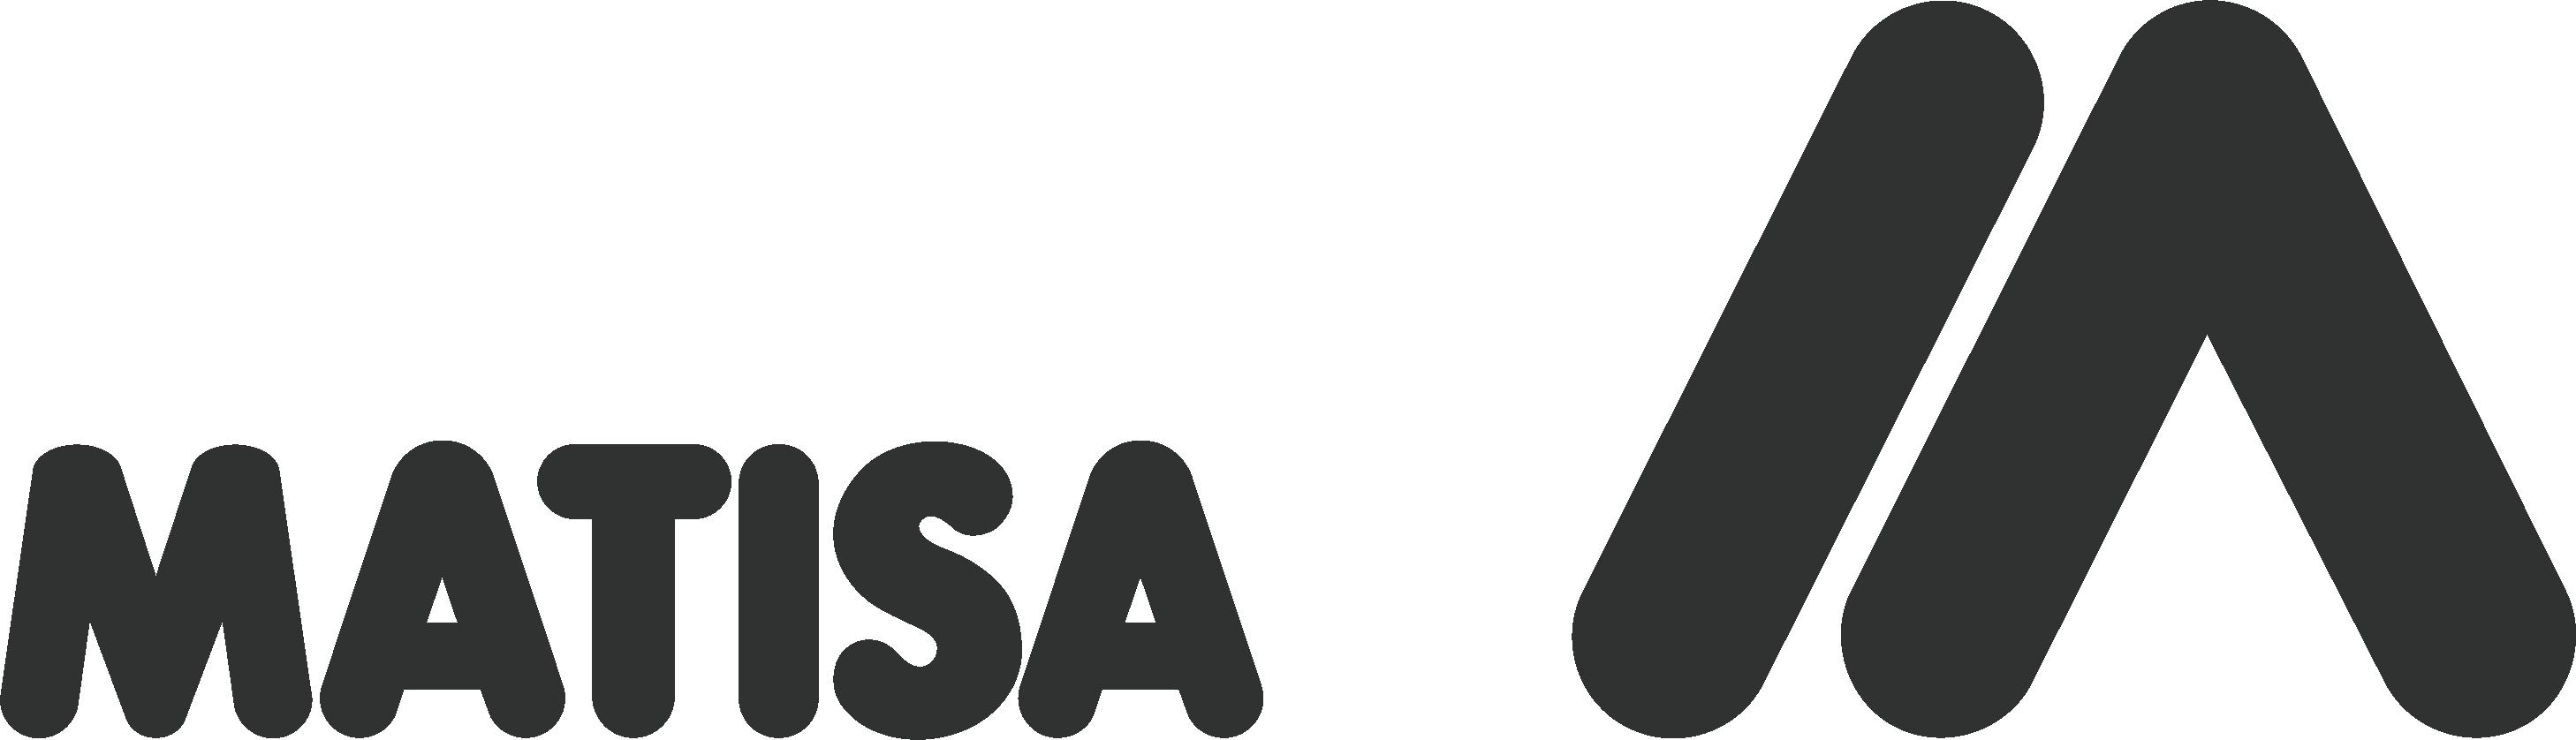 Matisa logo